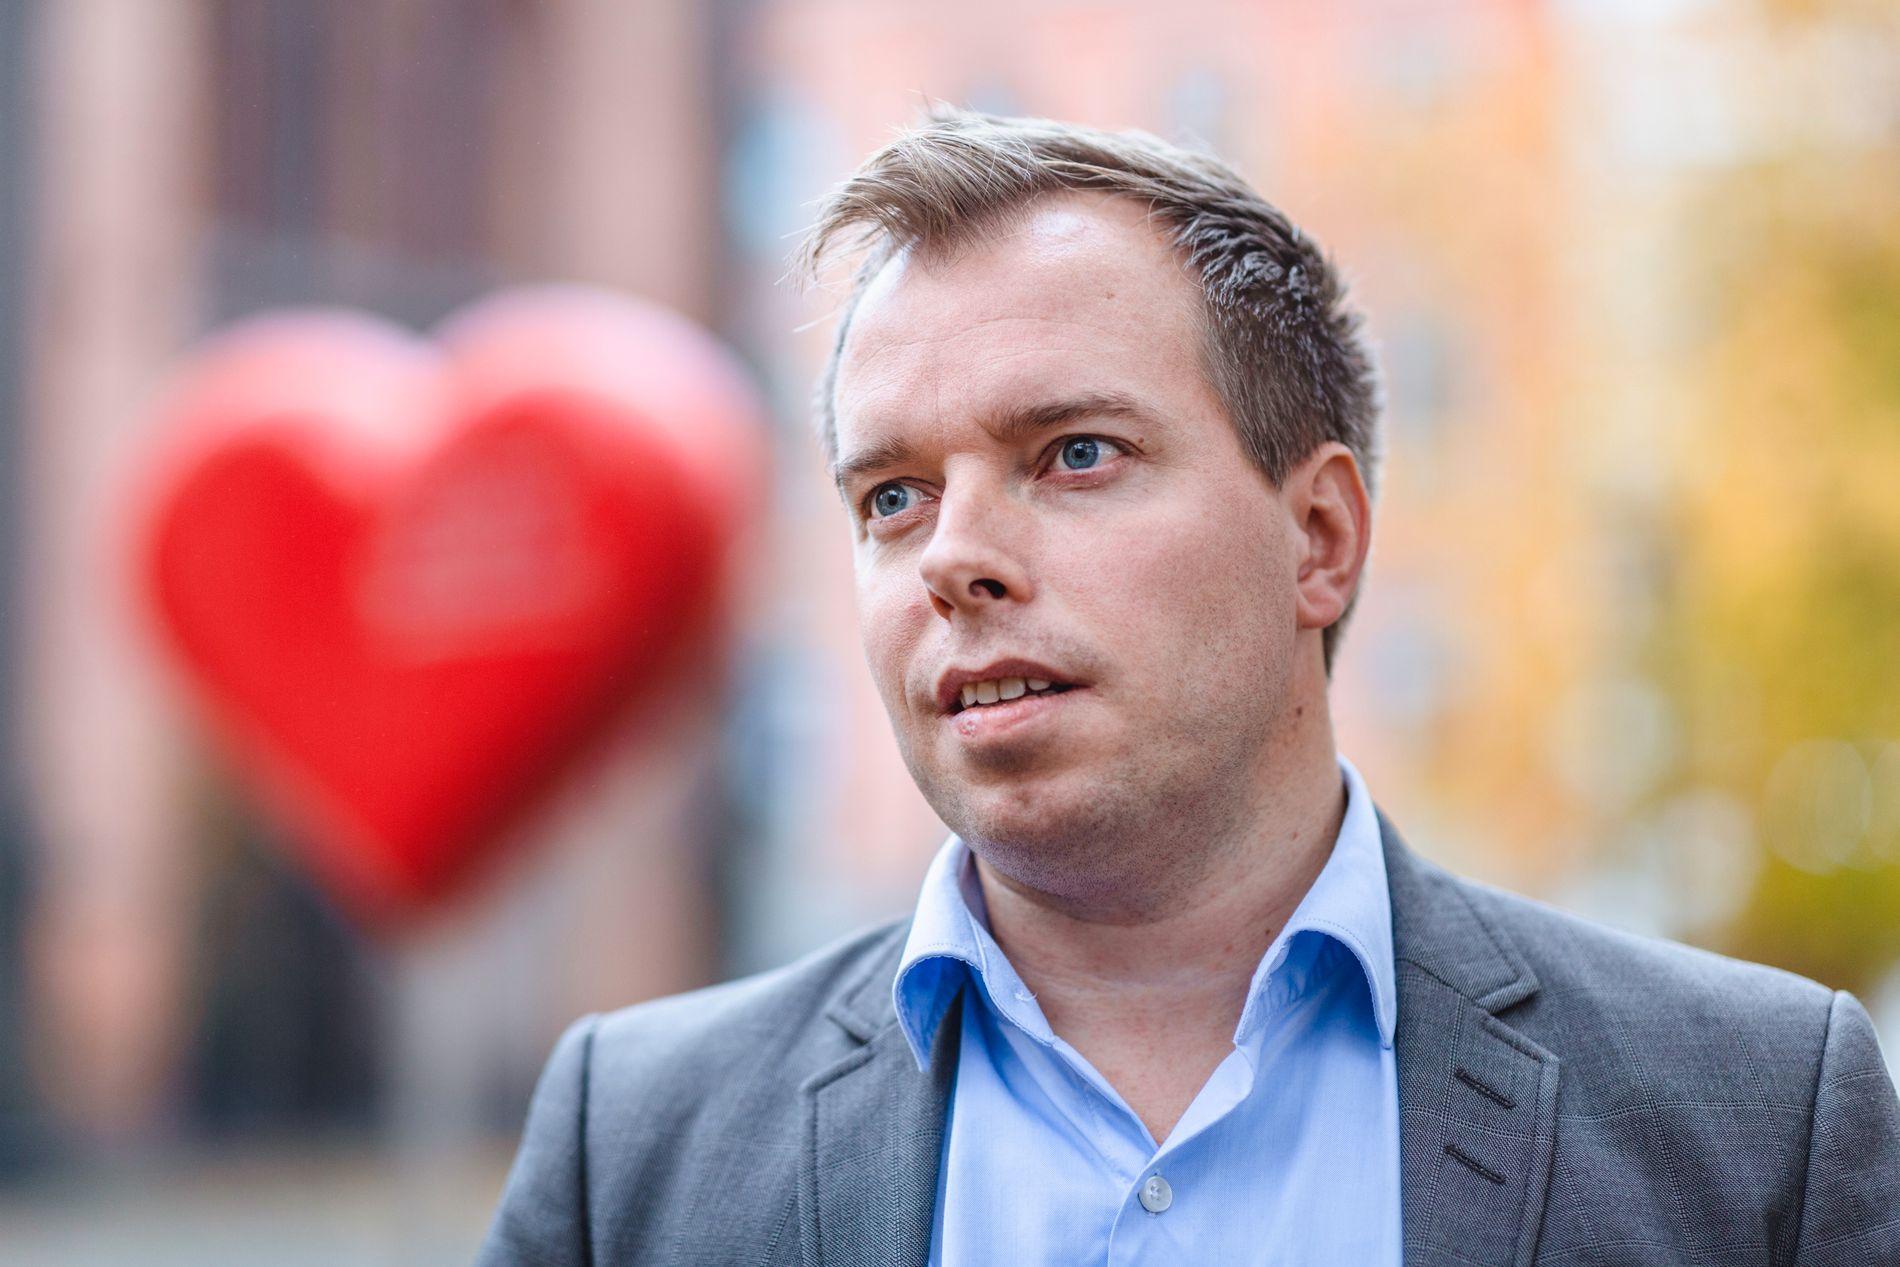 ABORT-KRITIKER: Generalsekretær Morten Dahle Stærk, her fotografert utenfor Oslo domkirke.